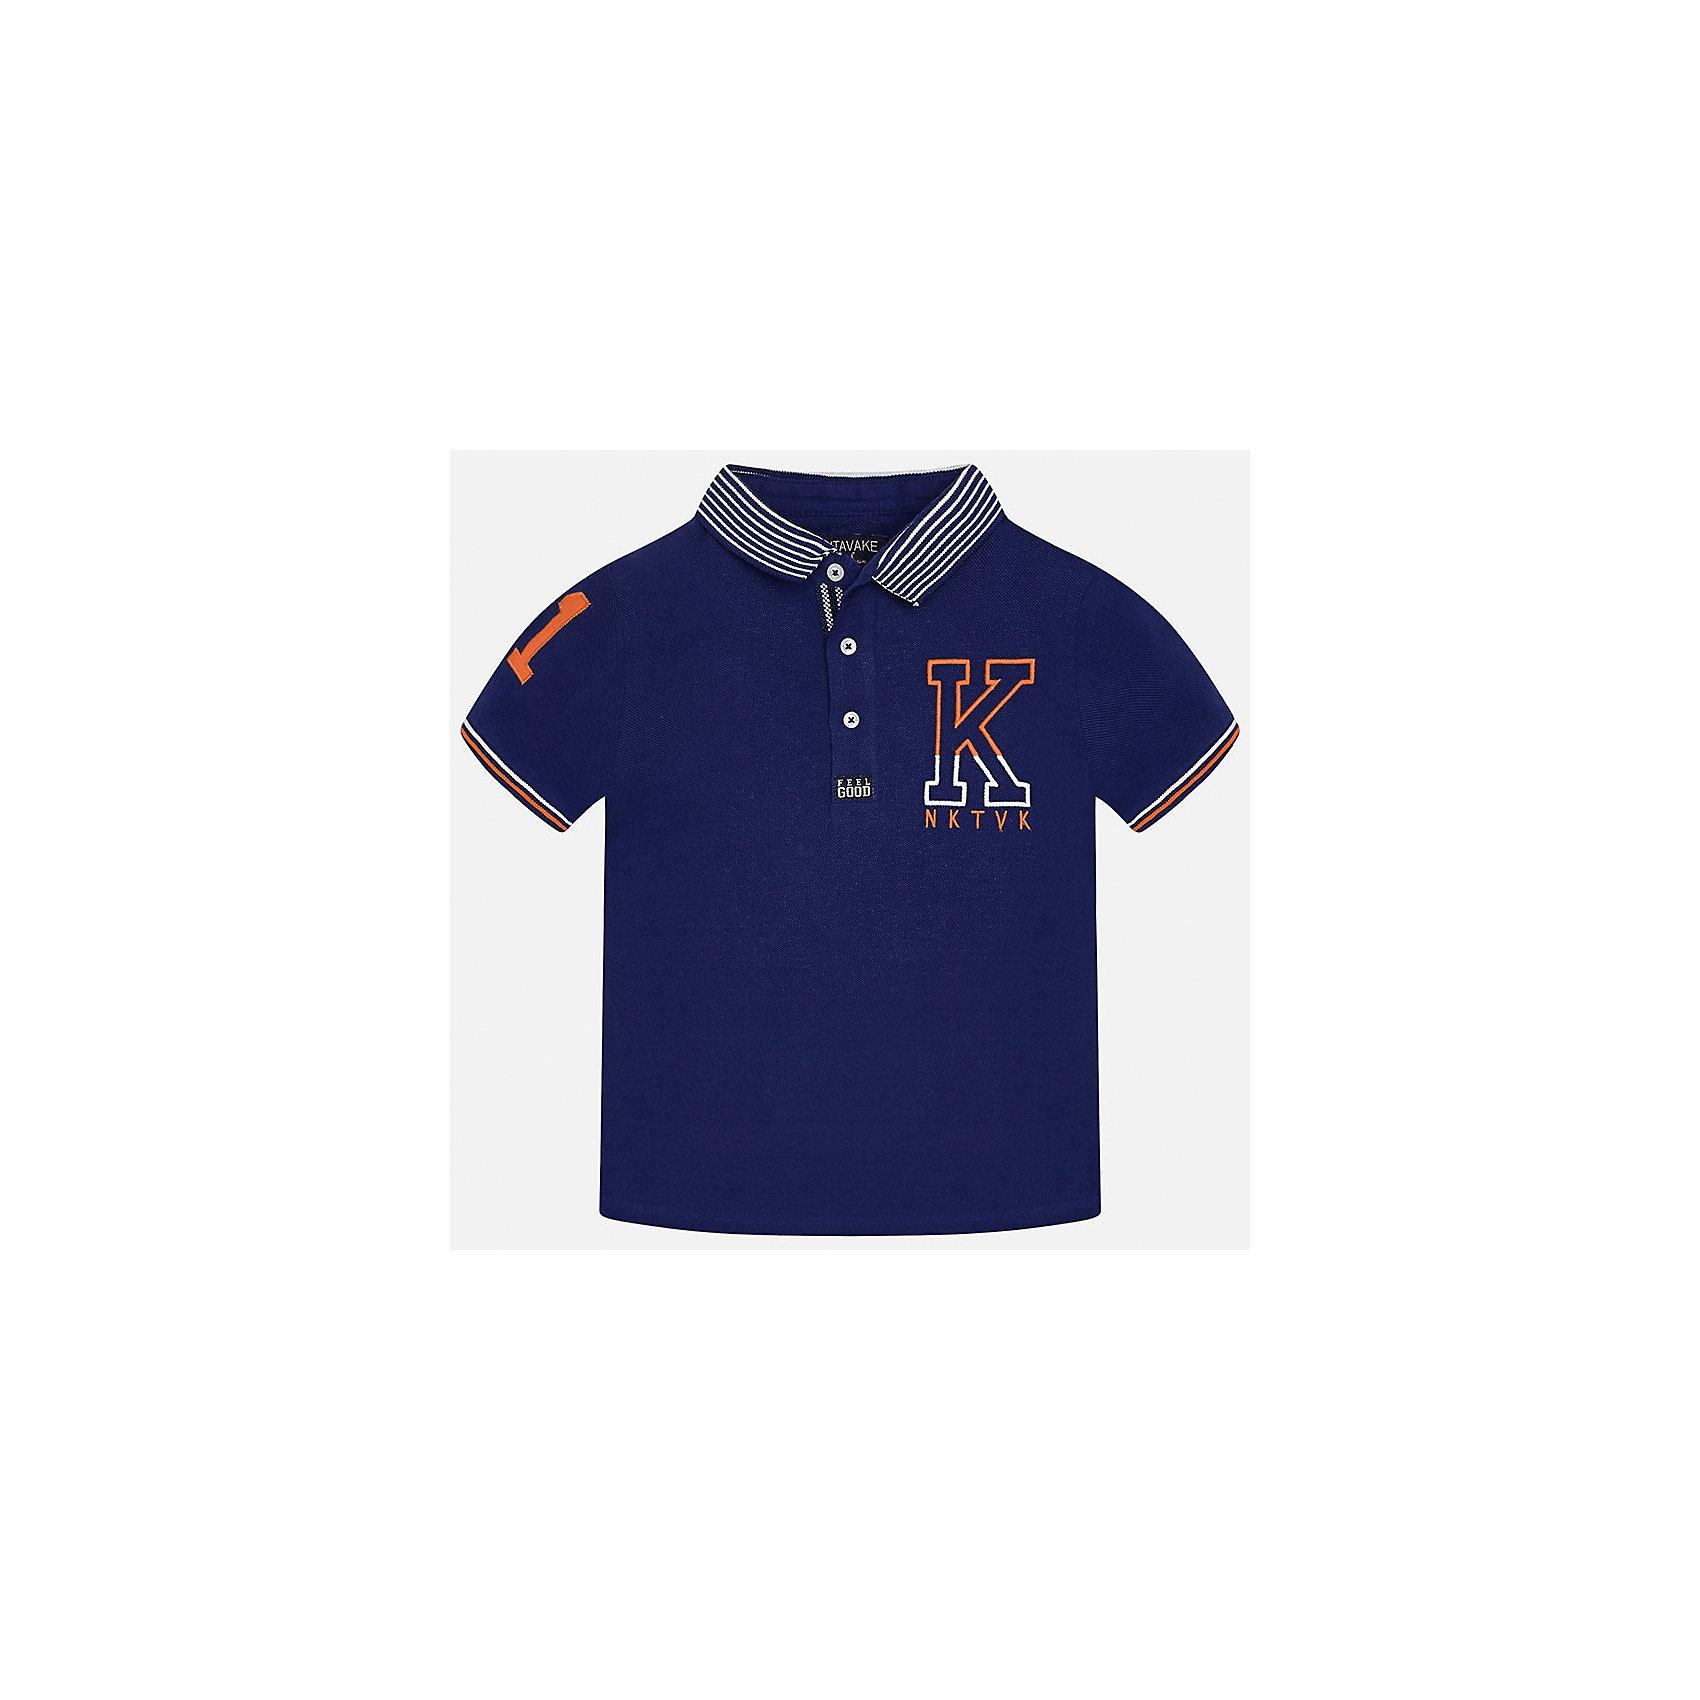 Футболка-поло для мальчика MayoralФутболки, поло и топы<br>Характеристики товара:<br><br>• цвет: синий<br>• состав: 100% хлопок<br>• отложной воротник<br>• декорирована вышивкой<br>• короткие рукава<br>• застежки: пуговицы<br>• страна бренда: Испания<br><br>Удобная стильная футболка-поло поможет разнообразить гардероб мальчика. Она отлично сочетается с брюками, шортами, джинсами. Универсальный крой и цвет позволяет подобрать к вещи низ разных расцветок. Практичное и стильное изделие! Хорошо смотрится и комфортно сидит на детях. В составе материала - только натуральный хлопок, гипоаллергенный, приятный на ощупь, дышащий. <br><br>Одежда, обувь и аксессуары от испанского бренда Mayoral полюбились детям и взрослым по всему миру. Модели этой марки - стильные и удобные. Для их производства используются только безопасные, качественные материалы и фурнитура. Порадуйте ребенка модными и красивыми вещами от Mayoral! <br><br>Футболку-поло для мальчика от испанского бренда Mayoral (Майорал) можно купить в нашем интернет-магазине.<br><br>Ширина мм: 230<br>Глубина мм: 40<br>Высота мм: 220<br>Вес г: 250<br>Цвет: черный<br>Возраст от месяцев: 156<br>Возраст до месяцев: 168<br>Пол: Мужской<br>Возраст: Детский<br>Размер: 170,164,128/134,140,152,158<br>SKU: 5281489